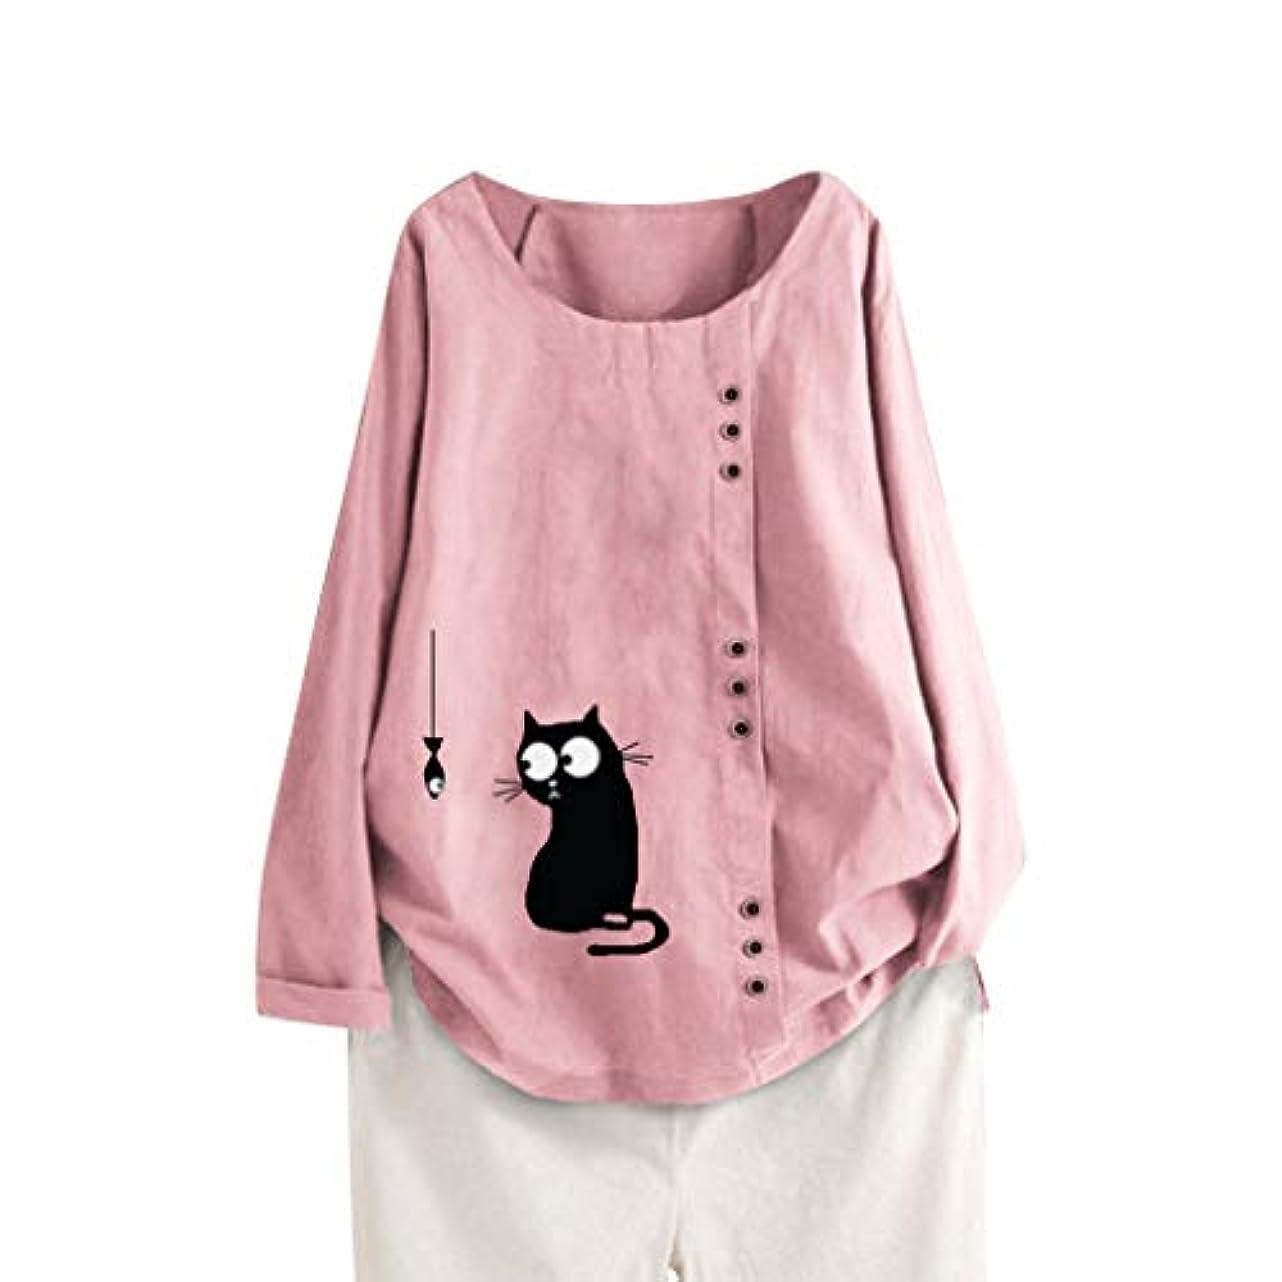 休日密度乏しいAguleaph レディース Tシャツ おおきいサイズ 長袖 コットンとリネン 花柄 トップス 学生 洋服 お出かけ ワイシャツ 流行り ブラウス 快適な 軽い 柔らかい かっこいい カジュアル シンプル オシャレ 春夏秋